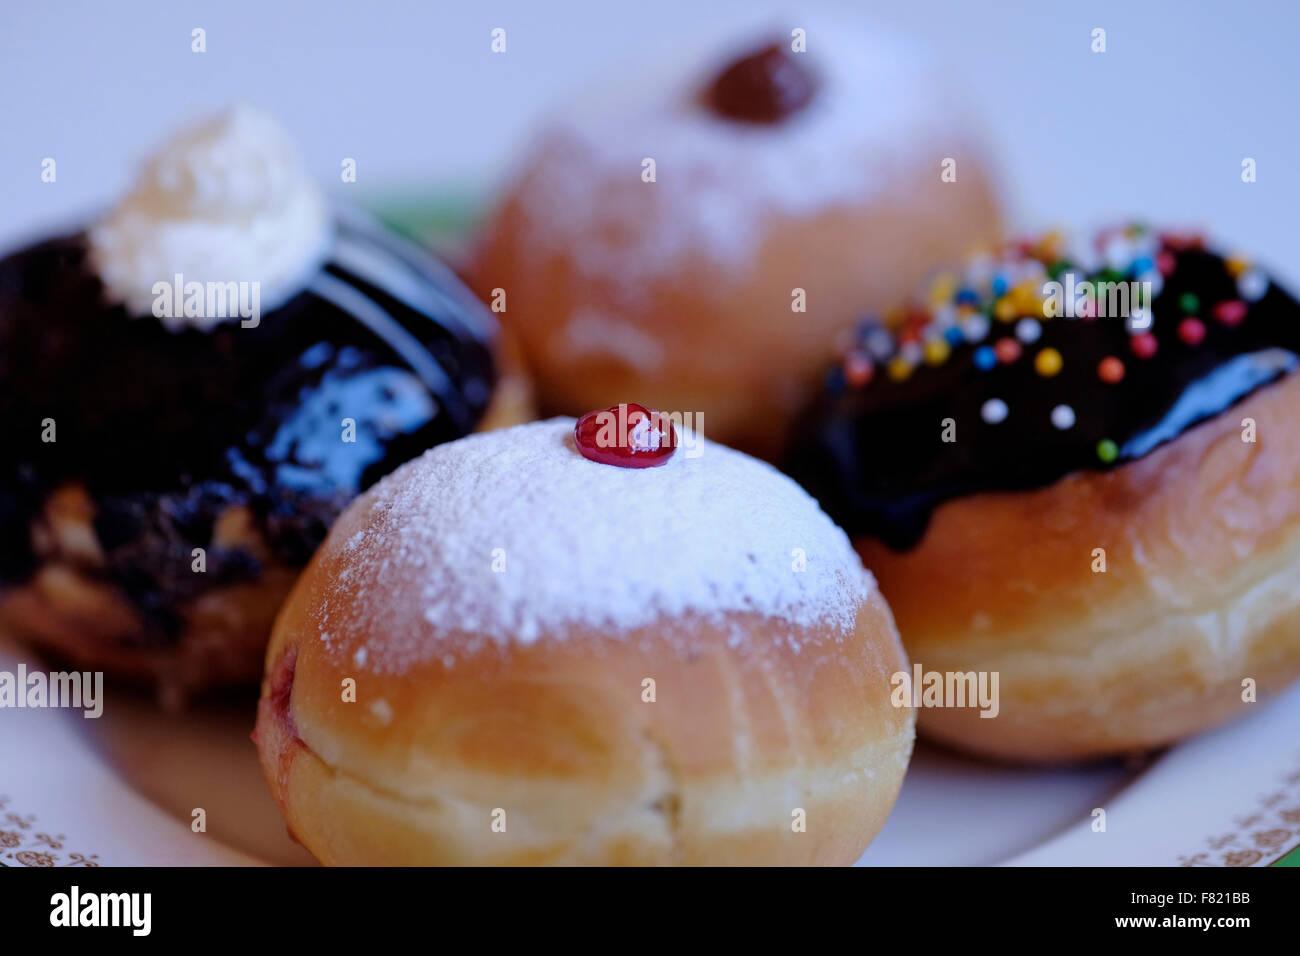 Elegantemente Sufganiyot tradicional frita donut redondo comido durante la fiesta judía de Jánuca Imagen De Stock